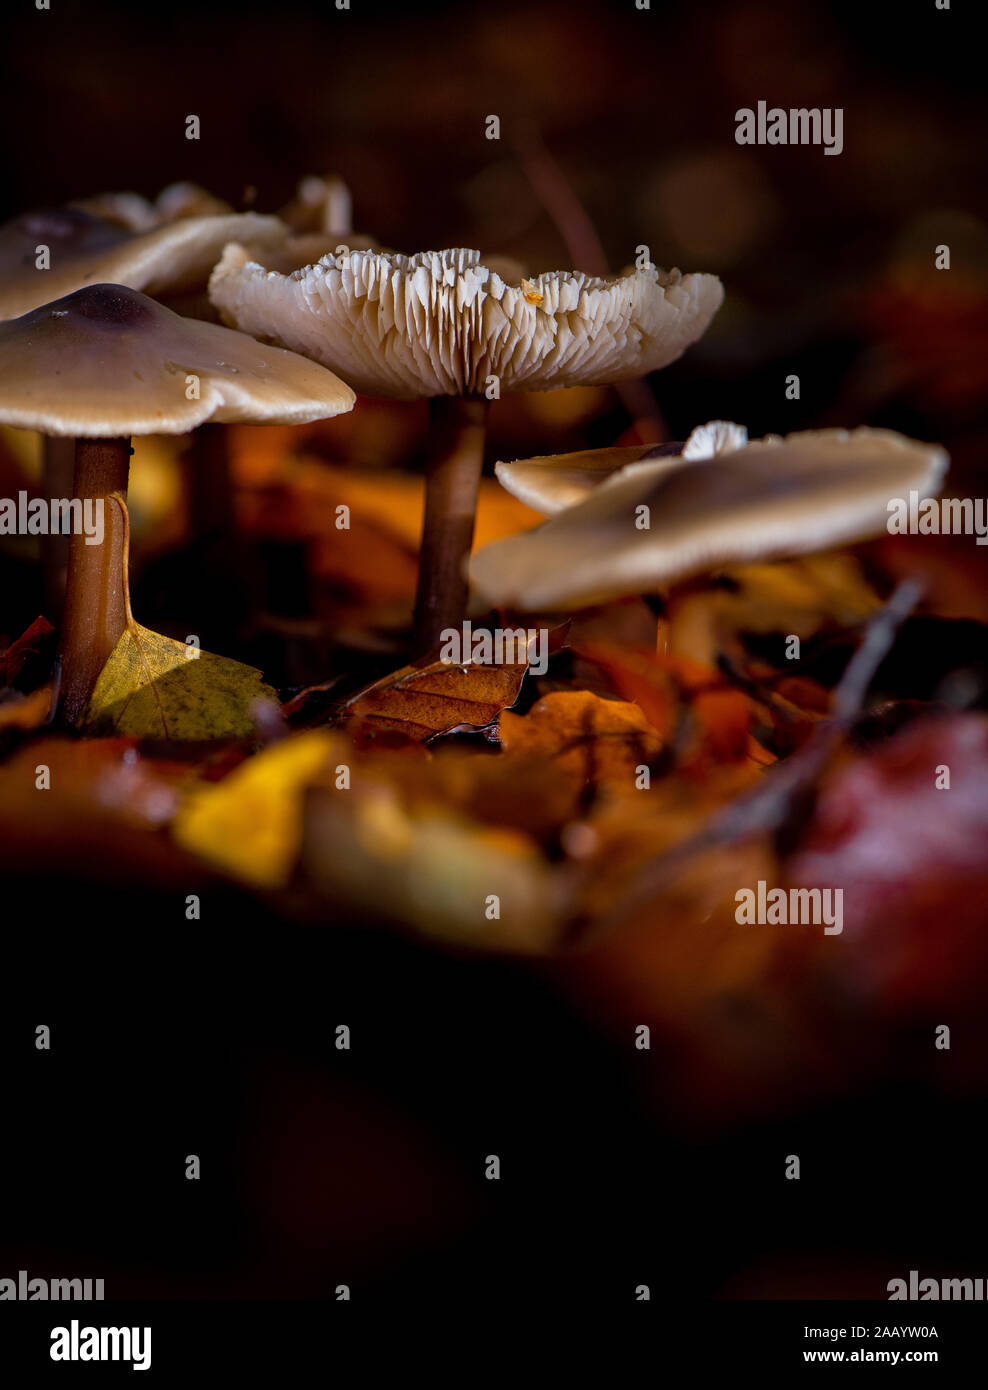 La mantequilla, tapa de Rhodocollybia butyraceae hongo que crece entre las hojas de otoño dentro de un grupo de macros de cierre e iluminada con flash mostrando los detalles. Foto de stock